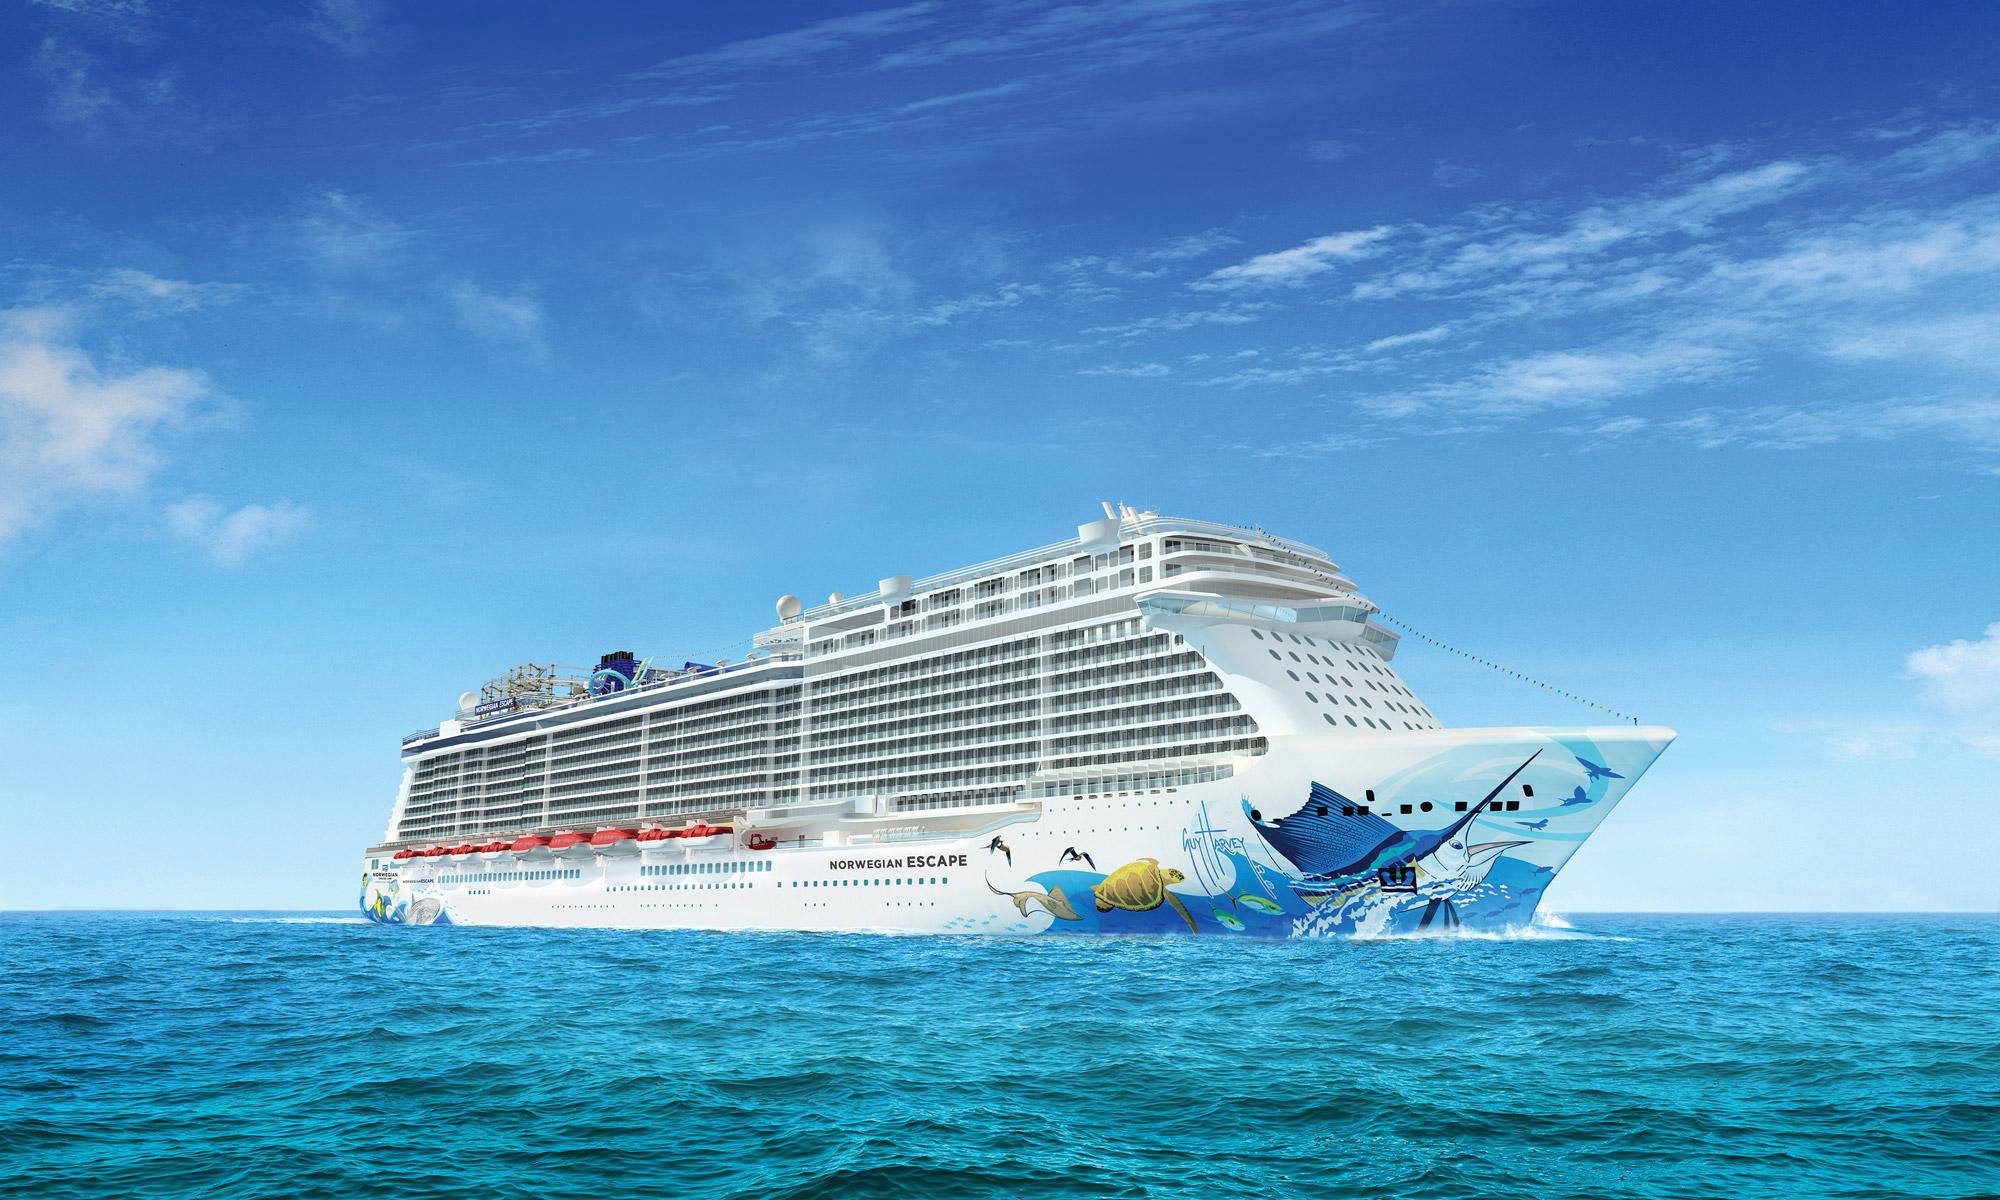 Il rapper Pitbull battezza la Norwegian Escape, la nuova nata del gruppo Norwegian Cruise Line